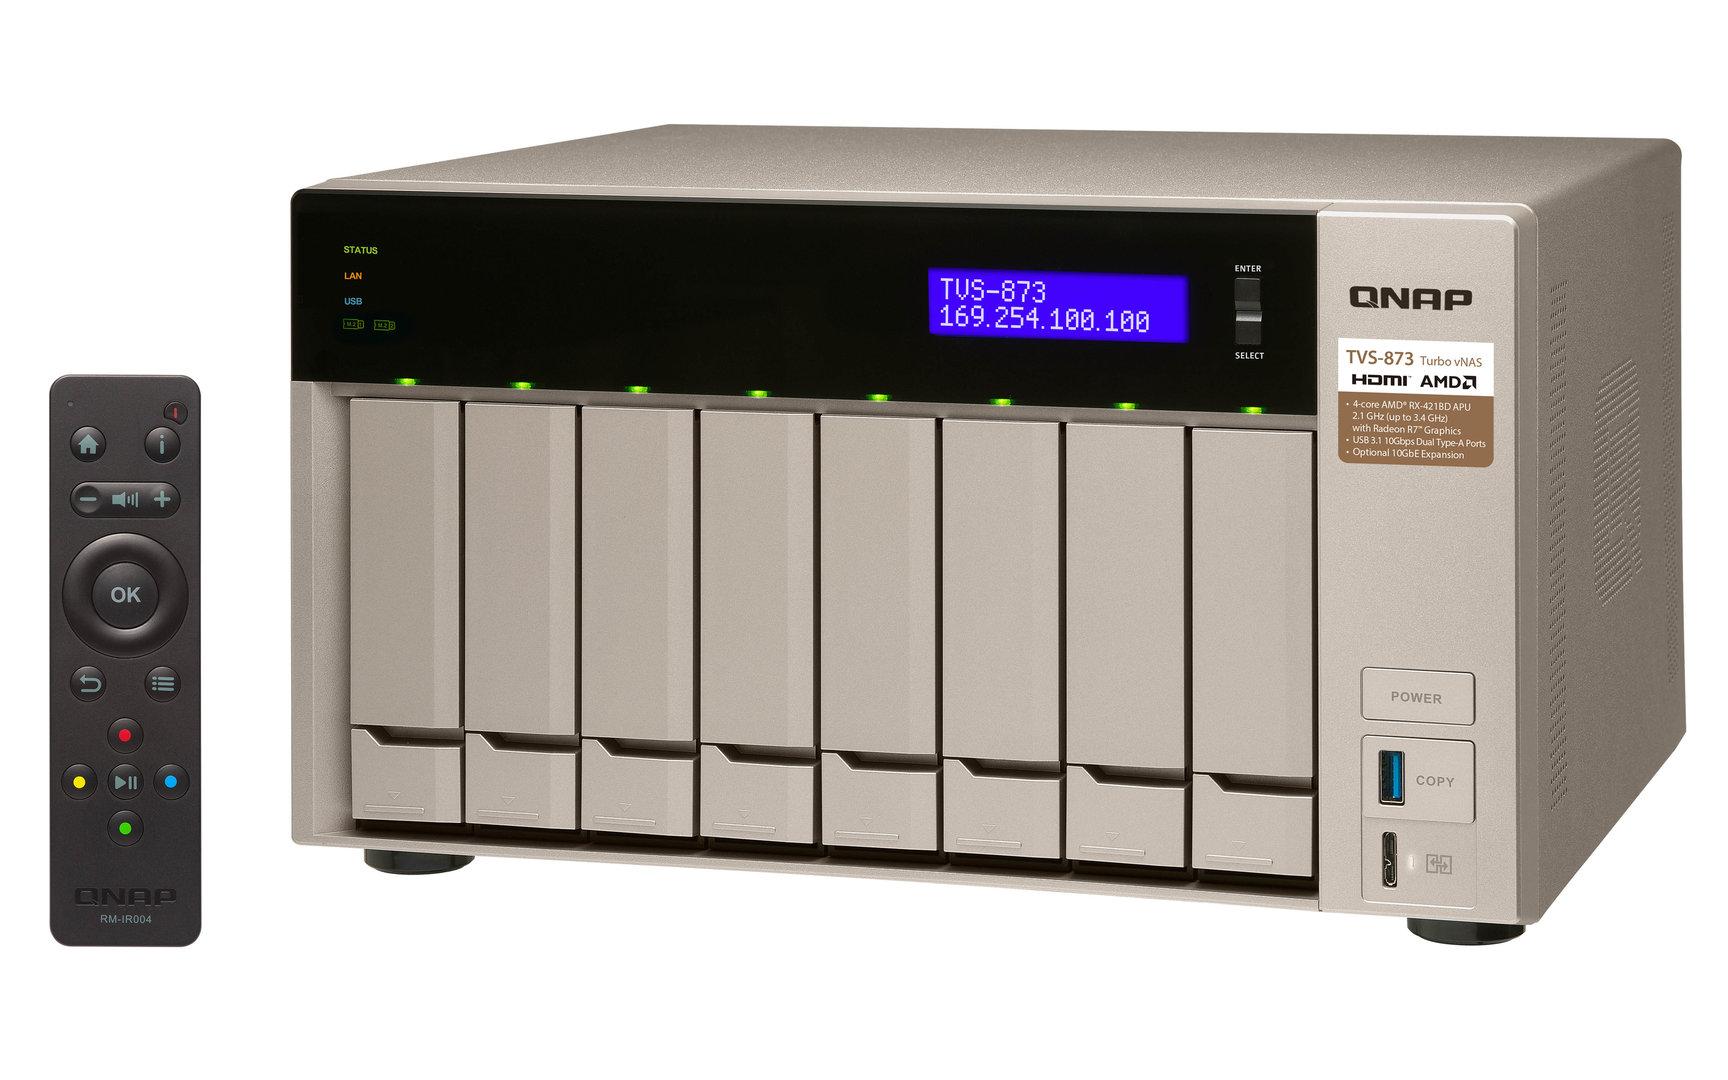 QNAP TVS-873